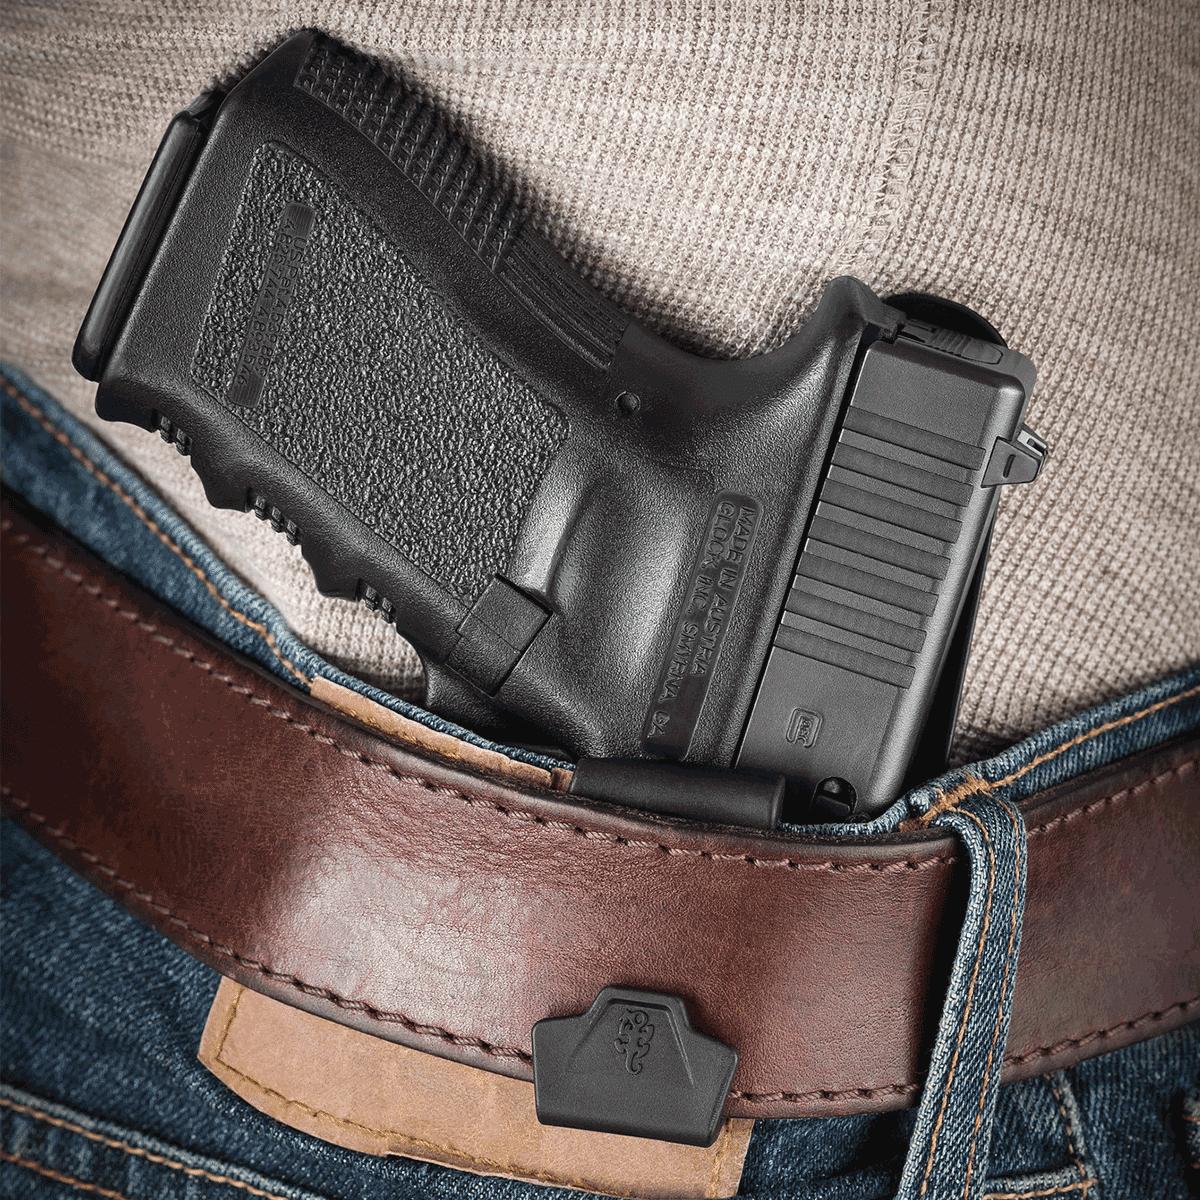 glock 19 iwb holster